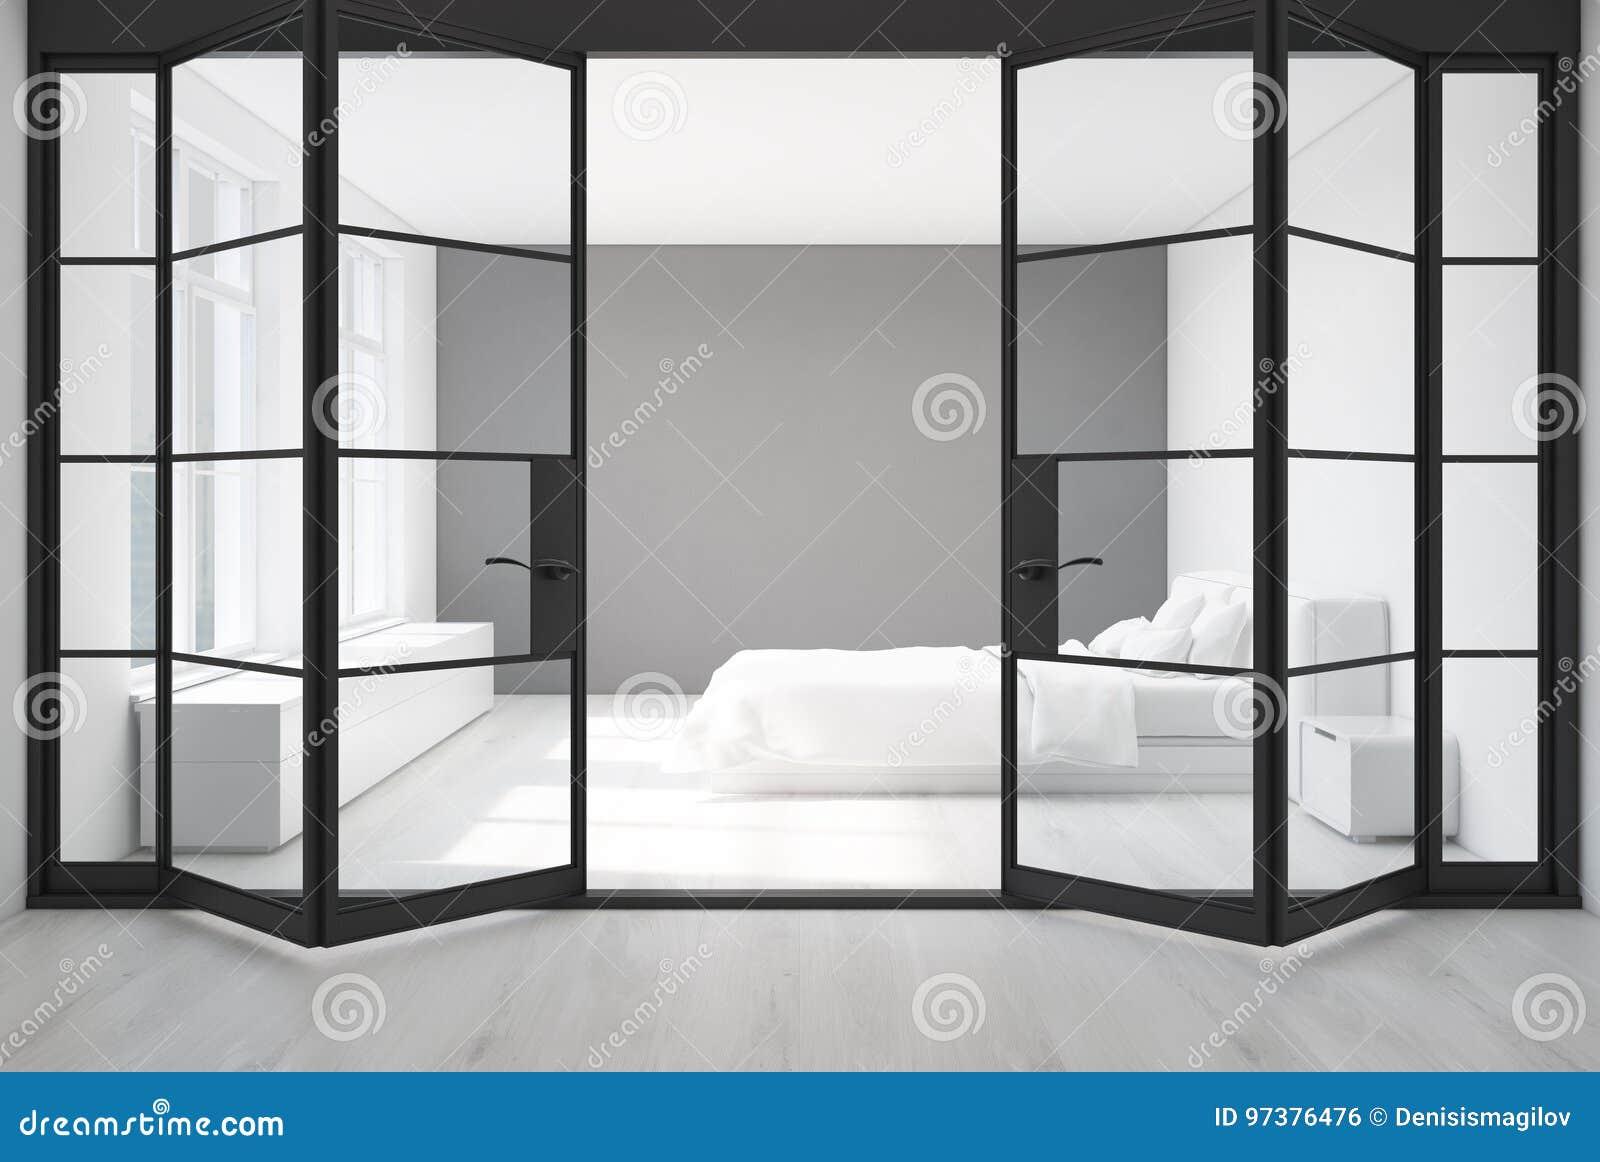 Download Weißes Schlafzimmer, Graue Wand, Türen Stock Abbildung    Illustration Von Fahne, Schlafzimmer